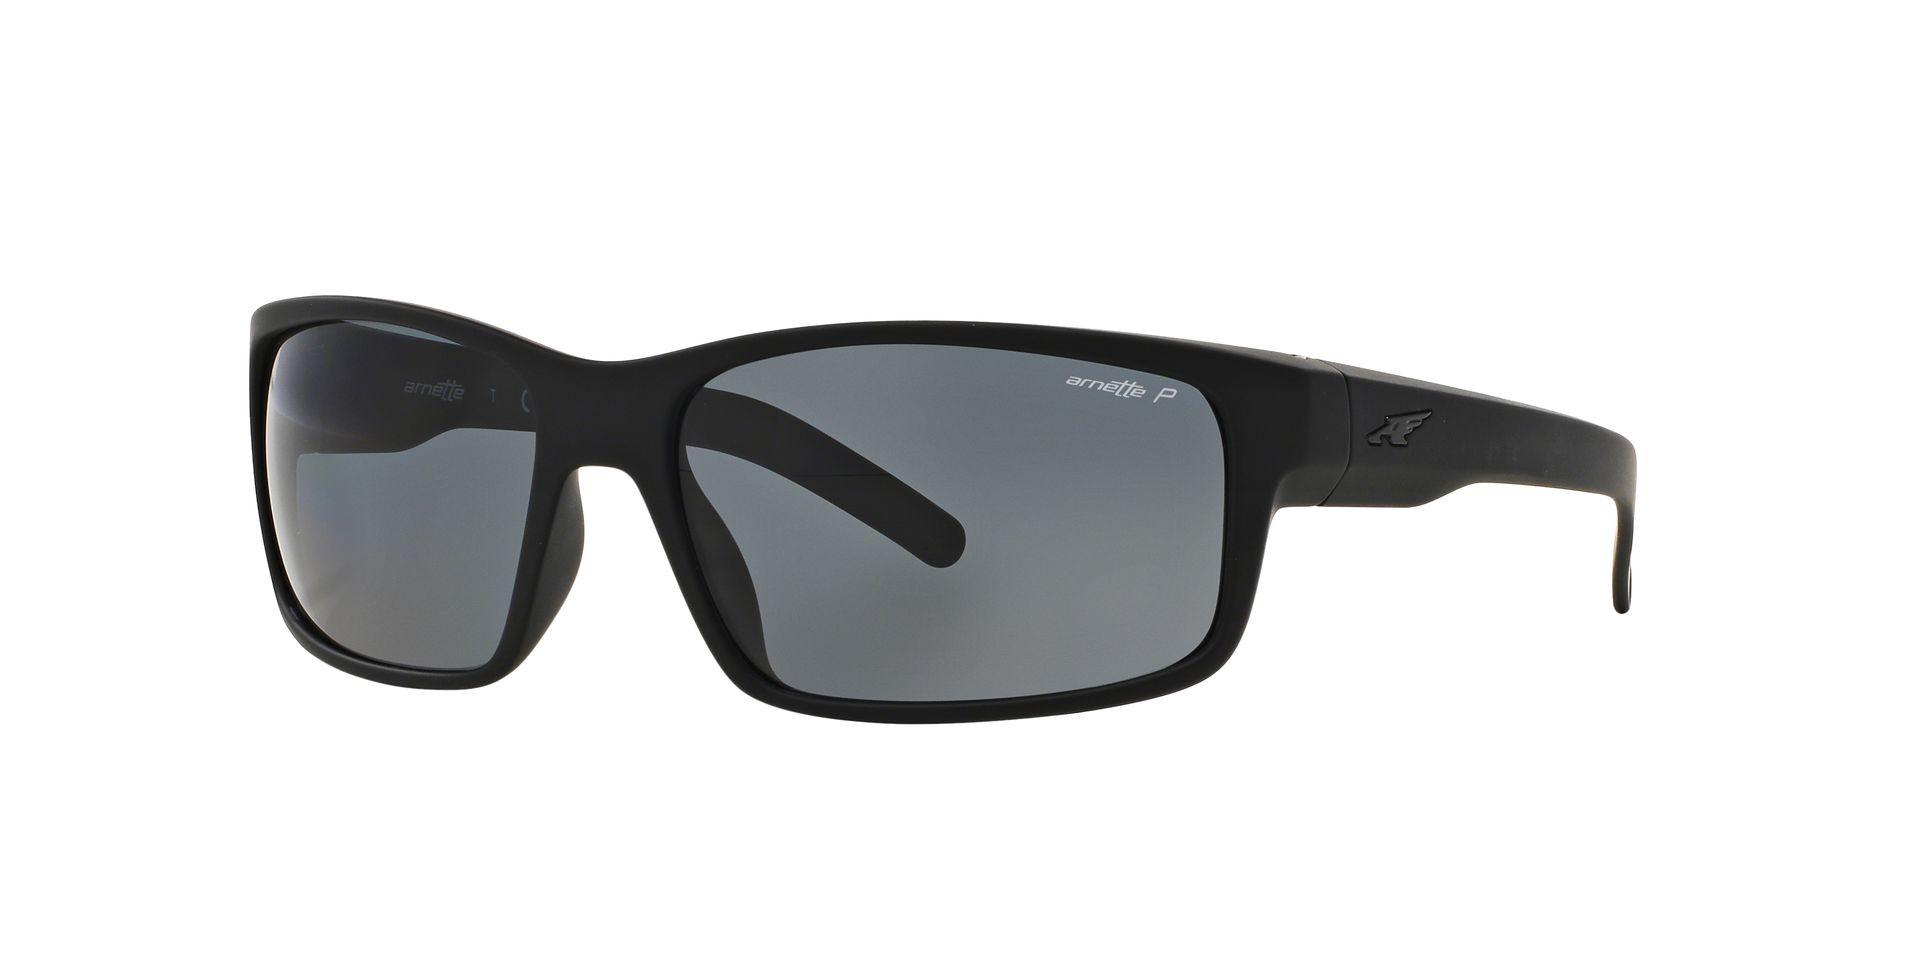 Gafas de sol ARNETTE AN 4202 447/81